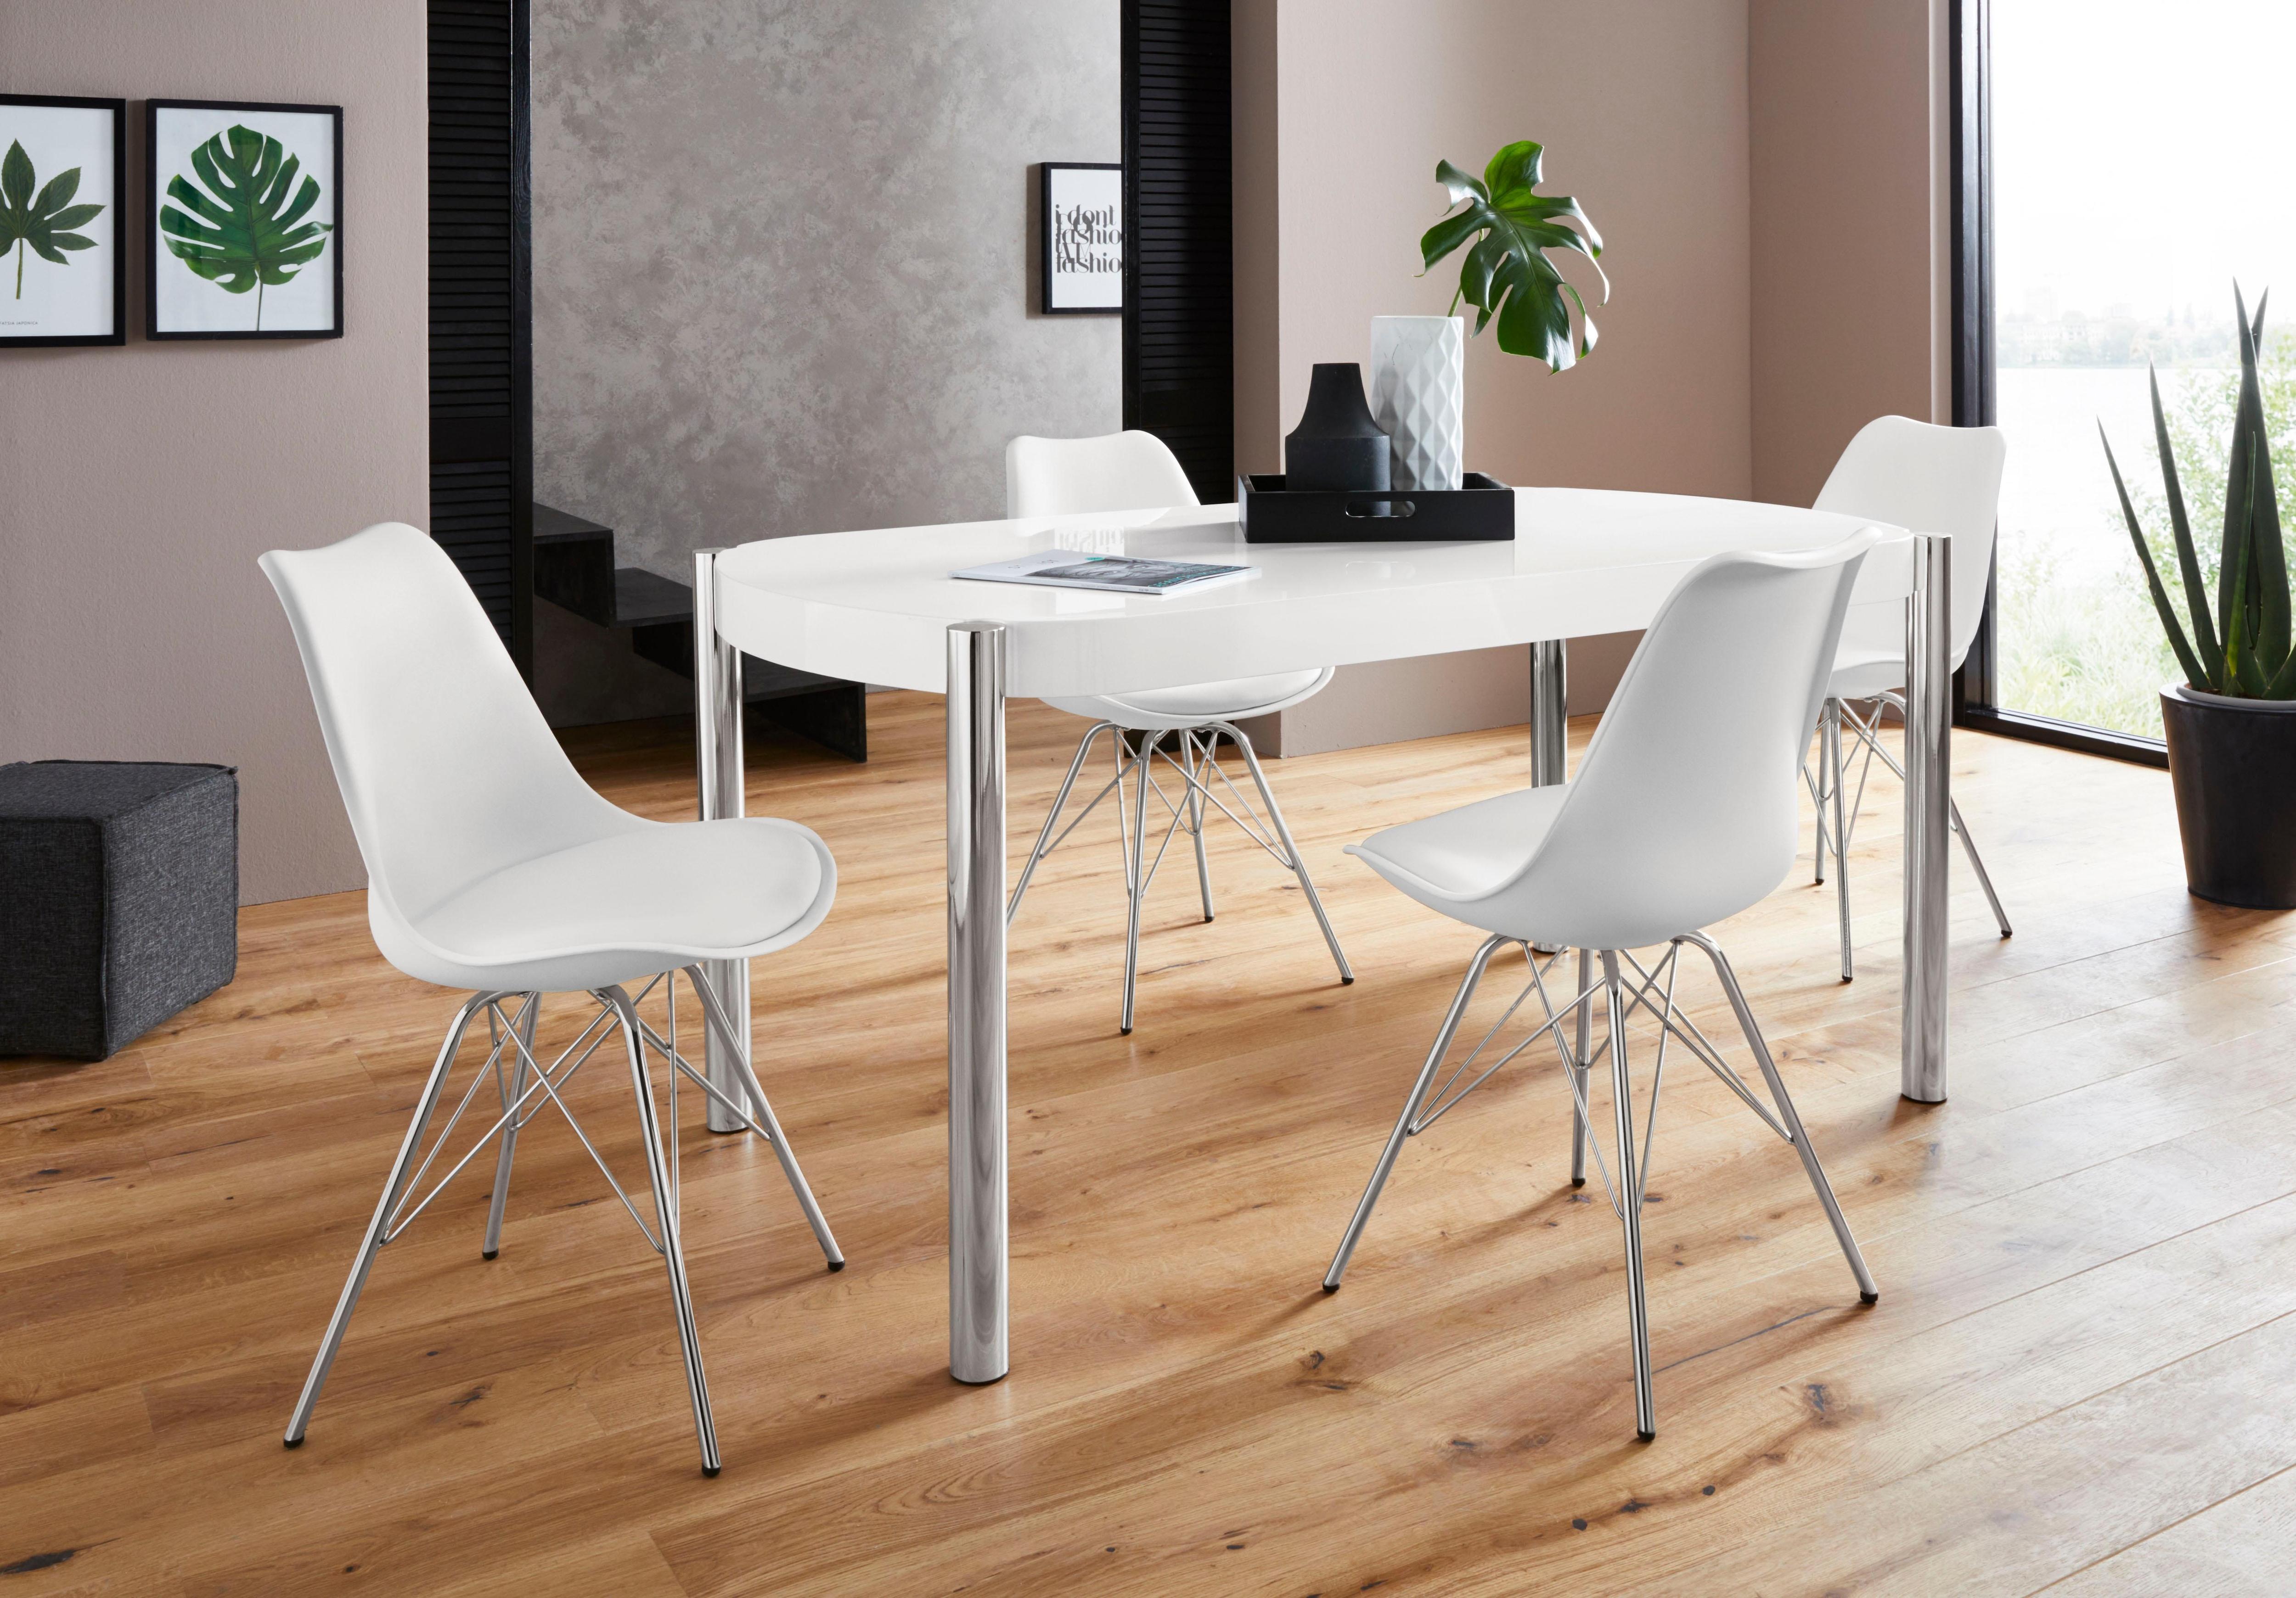 Homexperts Essgruppe Hannes2-Ursel (Set 5-tlg)   Küche und Esszimmer > Essgruppen > Essgruppen   Weiß   Kunstleder - Holzwerkstoff   Homexperts